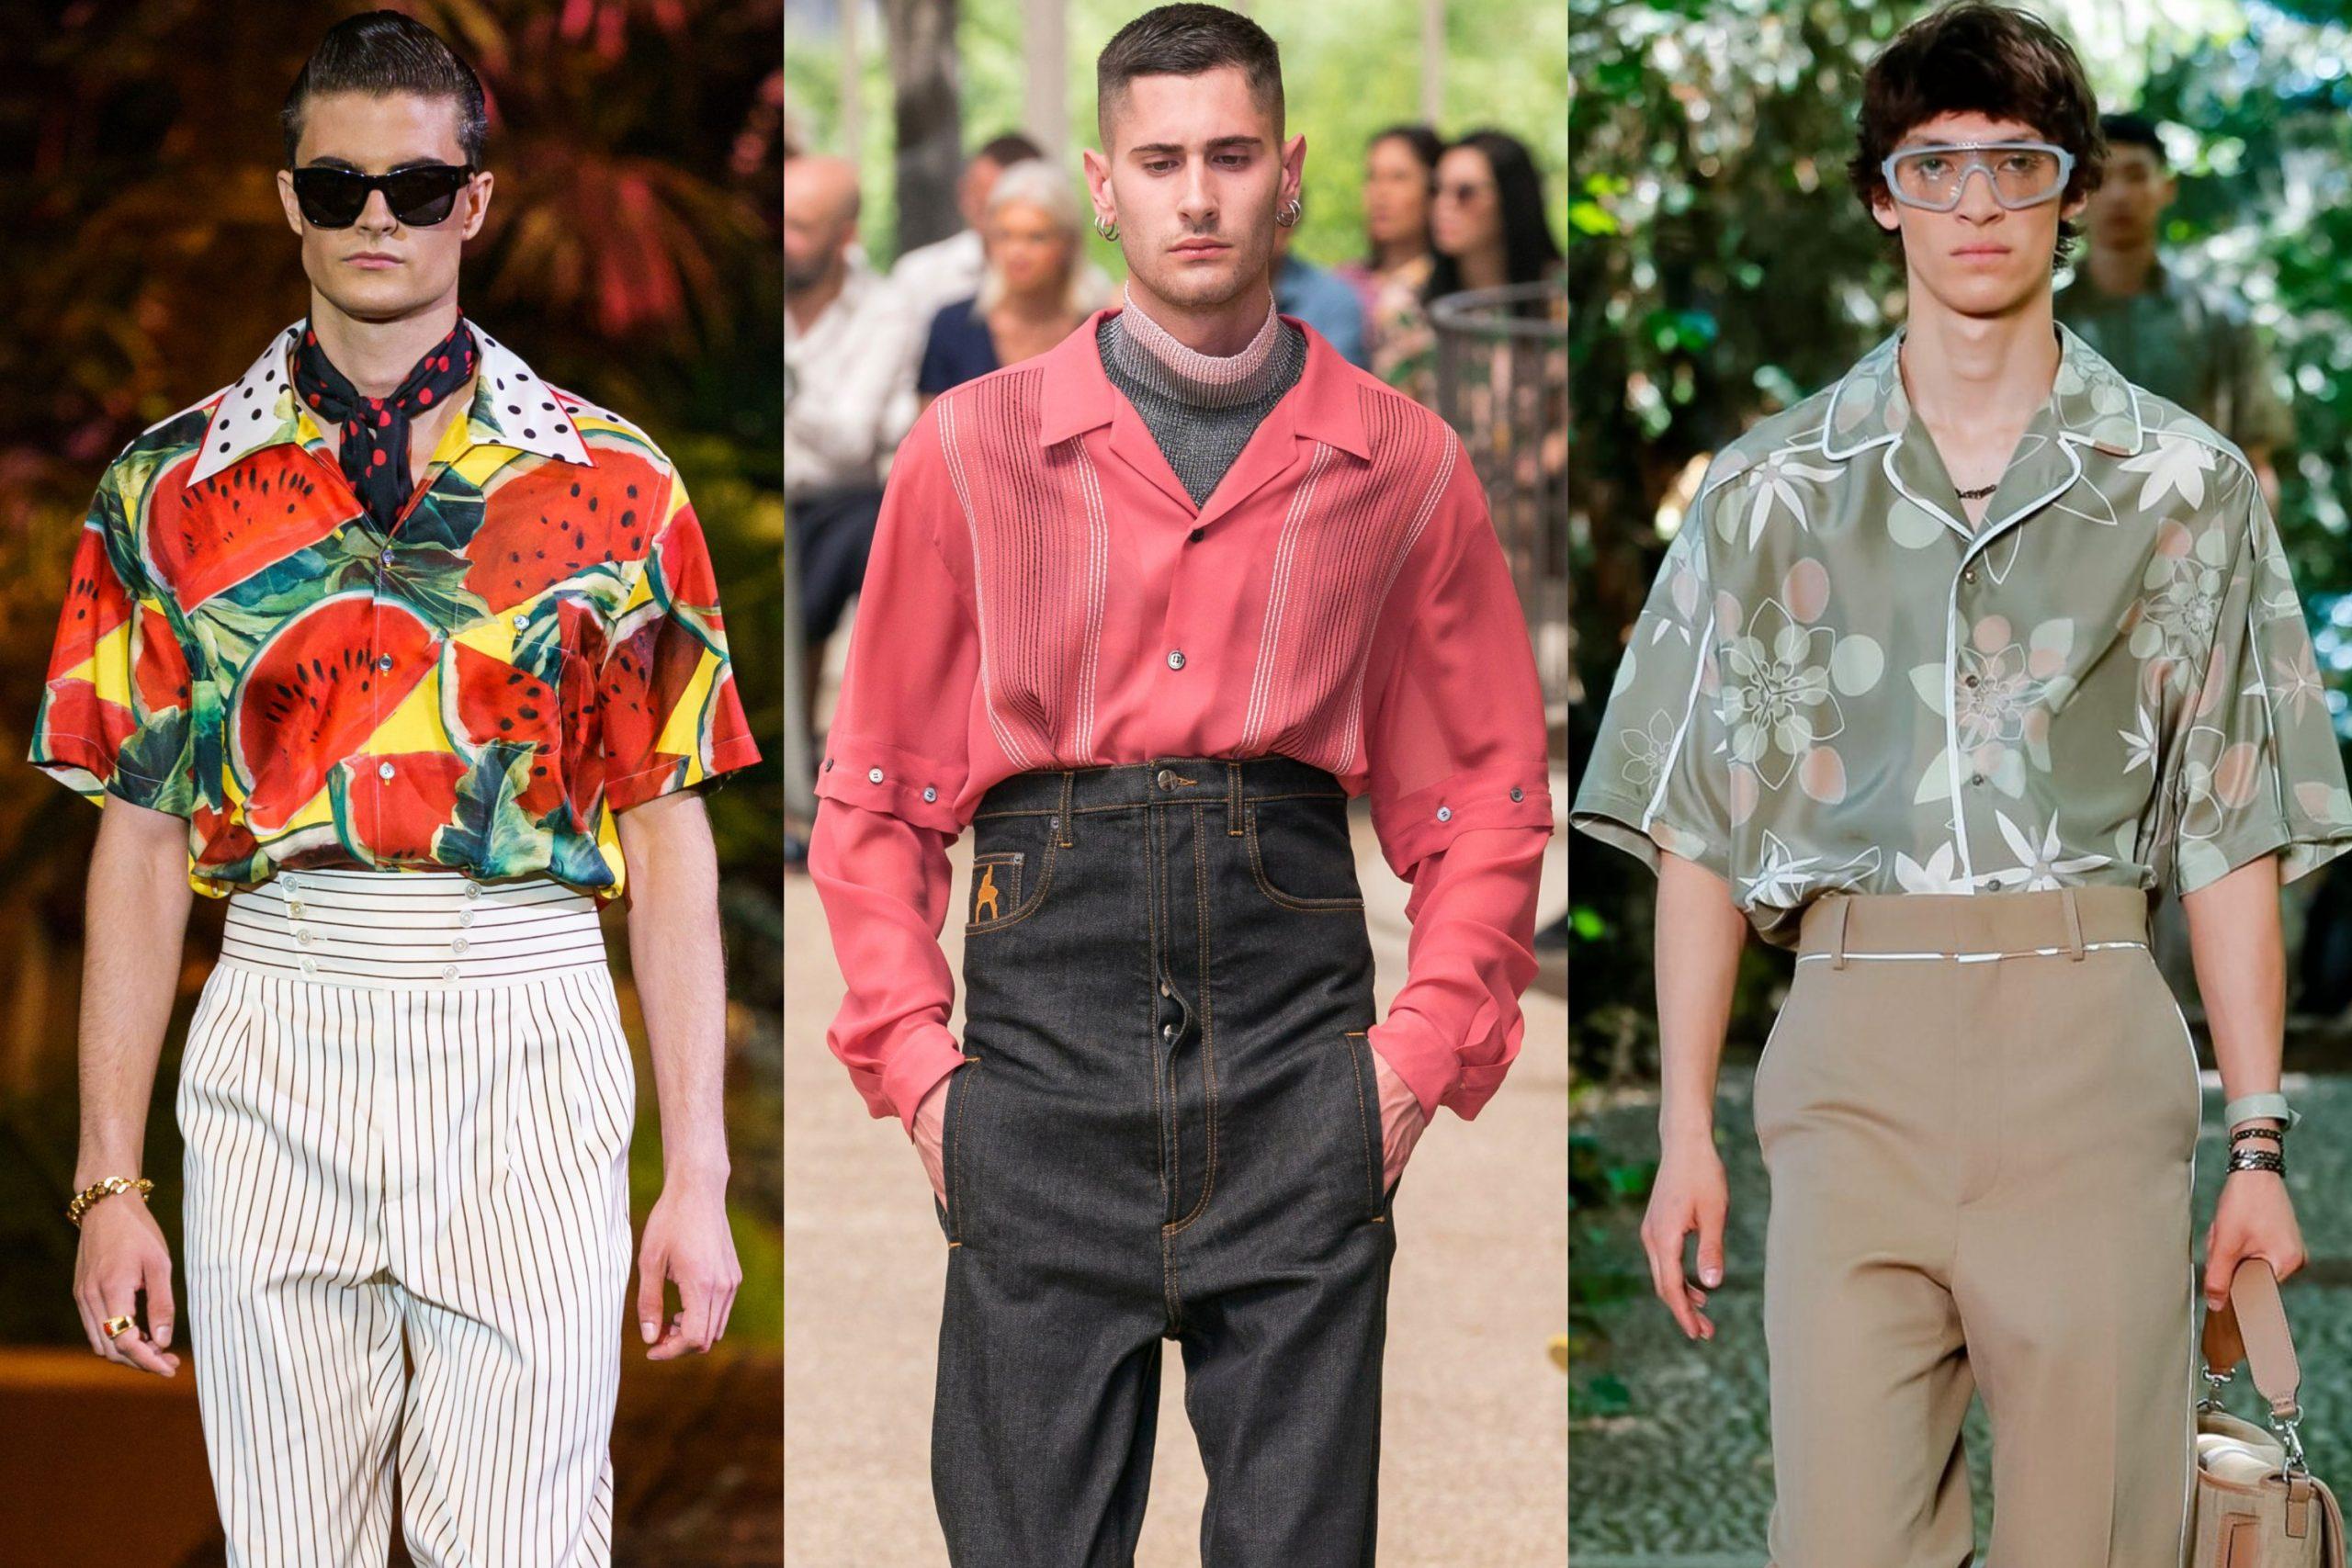 Los Pantalones De Tiro Alto Regresan Con Fuerza Para El Verano 2020 Badhombre Magazine